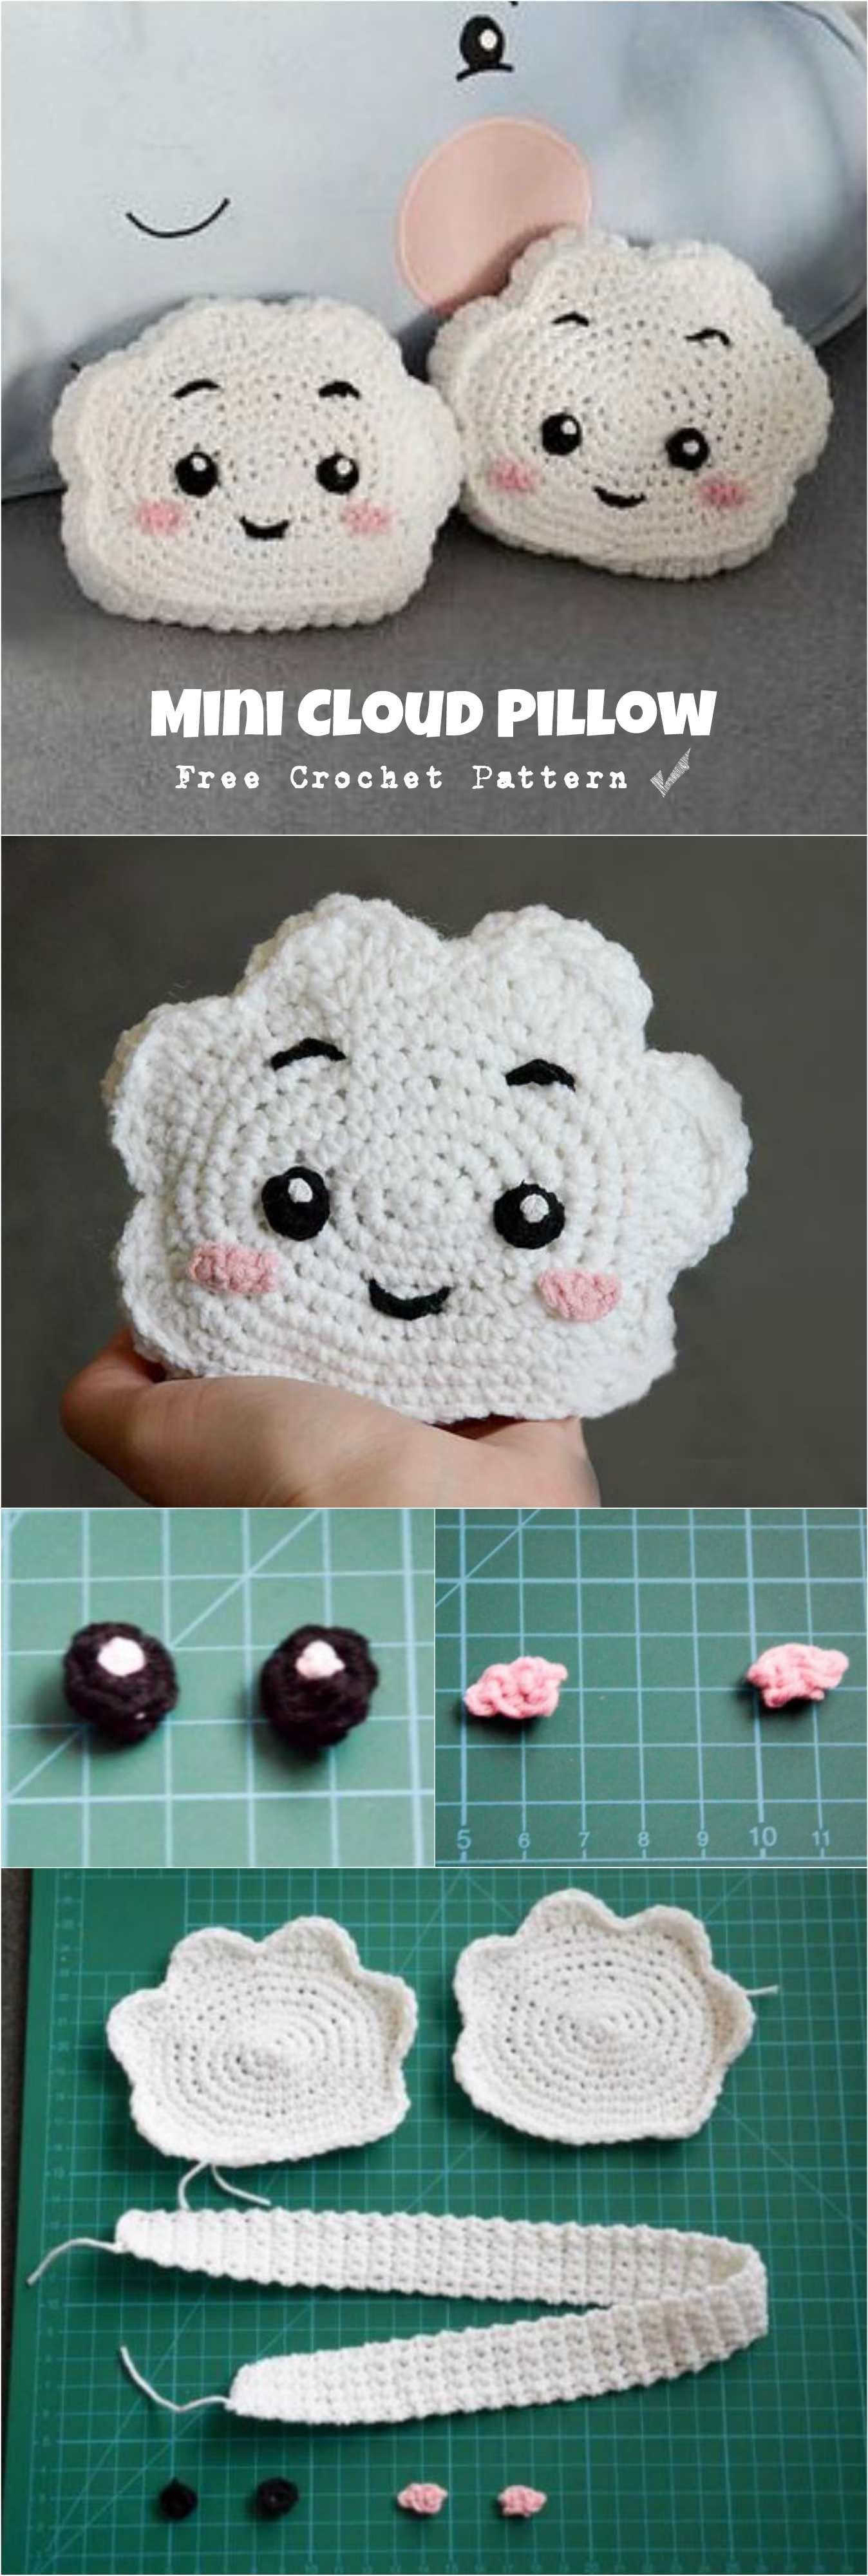 Crochet Mini Cloud Pillow Amigurumi 8 Pinterest Häkeln